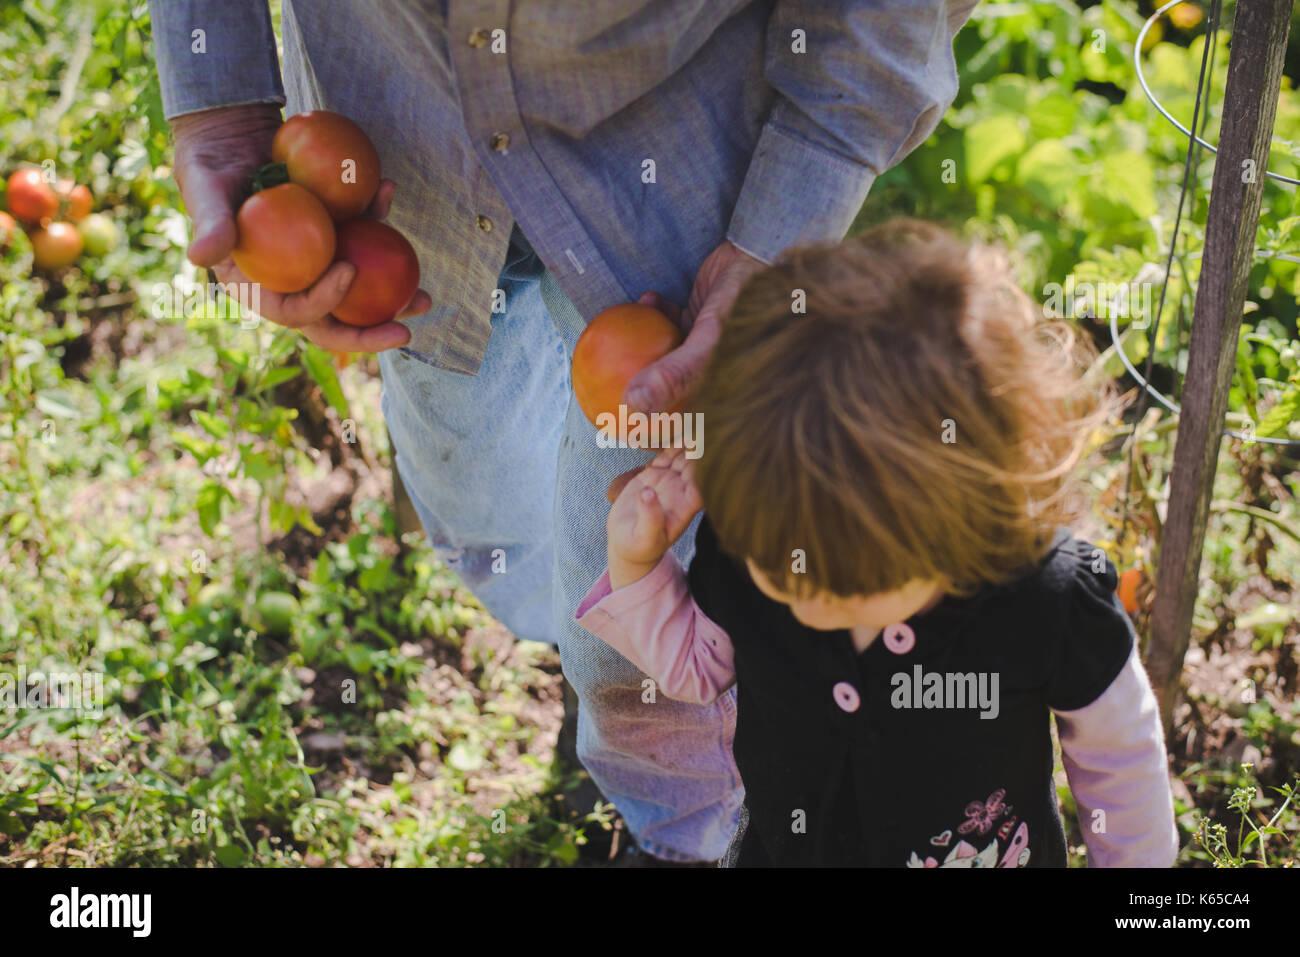 Ein Kind und Mann sammeln Tomaten aus dem Garten. Stockbild